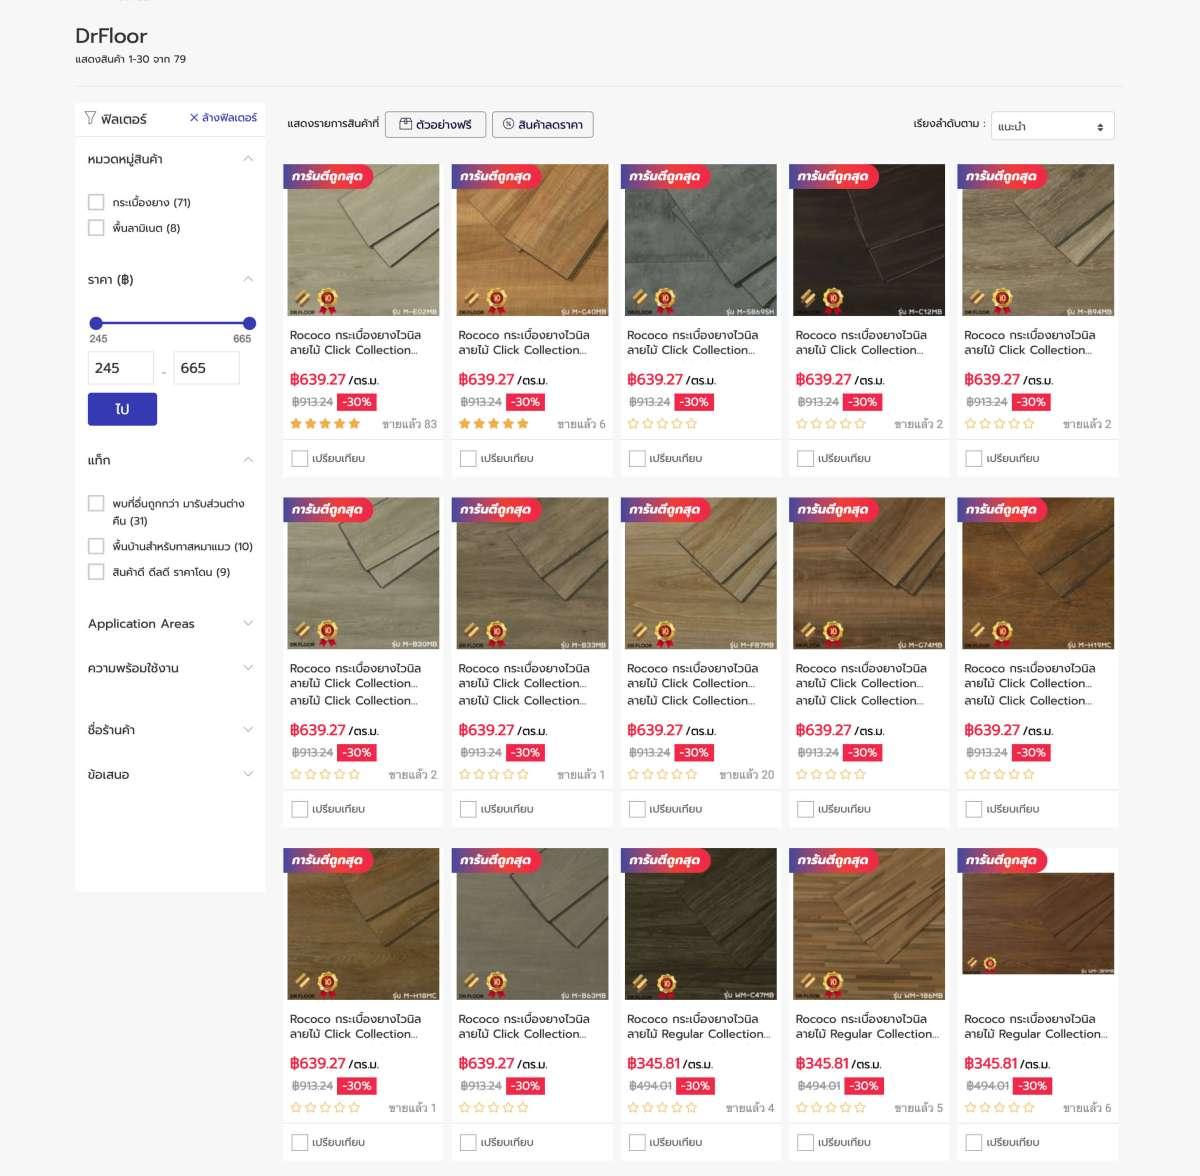 """15 แบรนด์ดัง """"วัสดุและของแต่งบ้าน"""" เล็งเห็นโอกาสบนโลกออนไลน์ ร่วมมือ NocNoc.com แหล่งรวมร้านค้าสำหรับคนรักบ้าน 22 - Marketplace"""